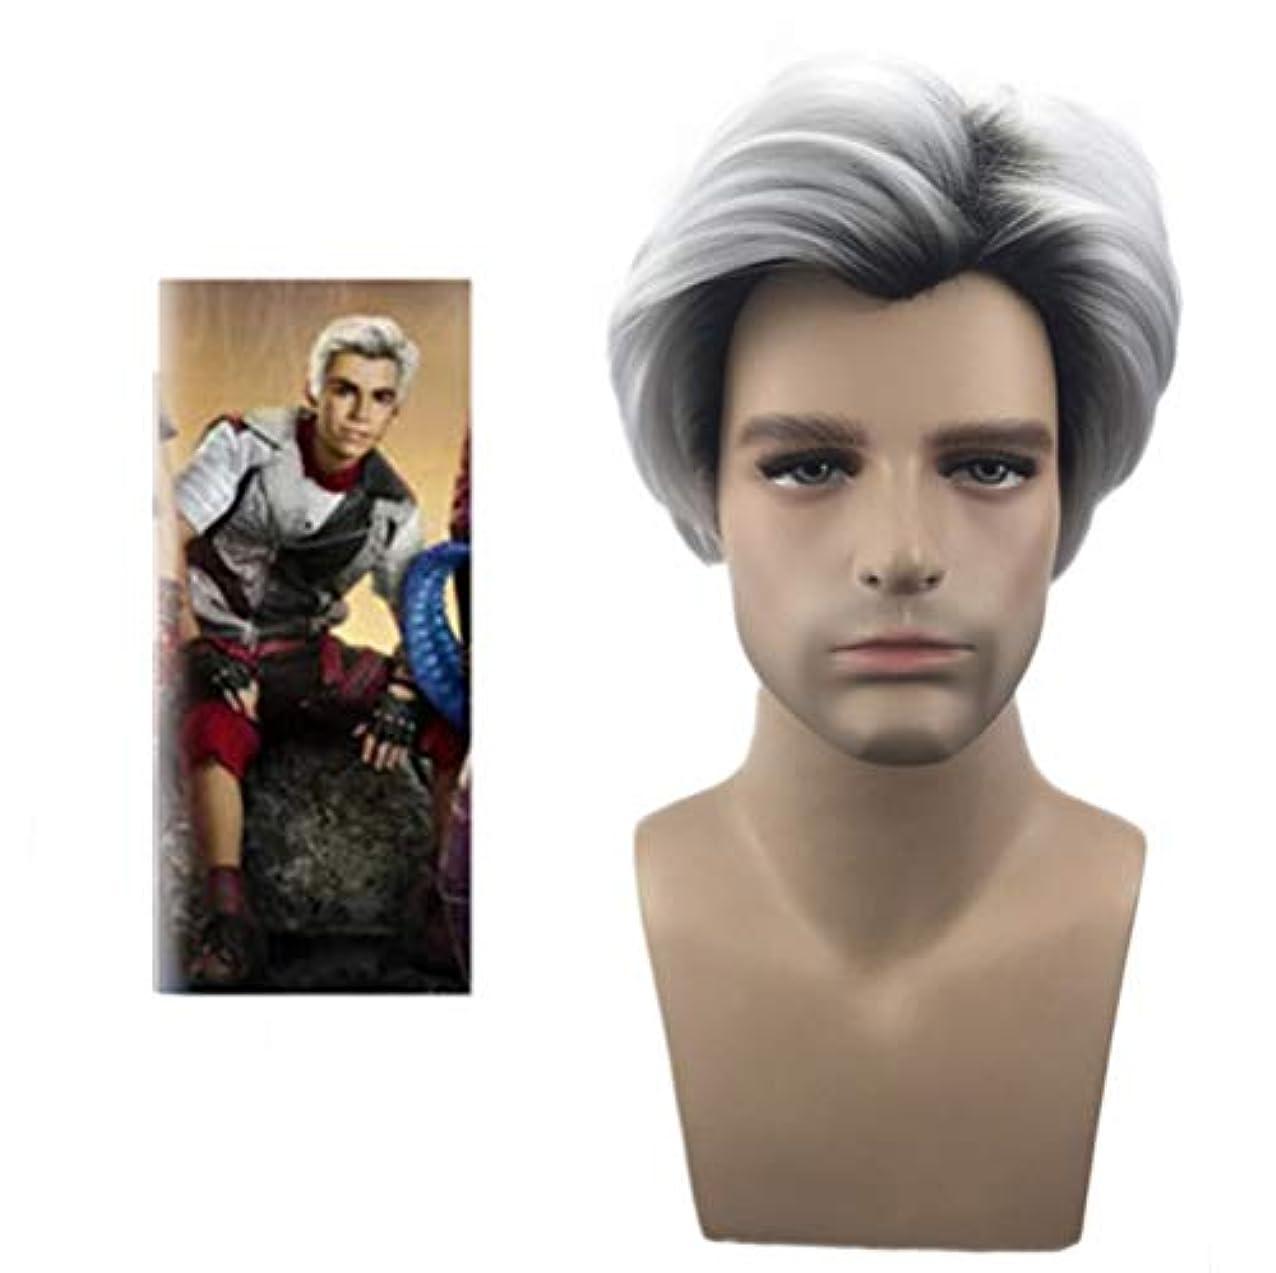 現れる縁淡い男性用かつら150%密度合成耐熱ショーツブラジル人毛ウィッグ黒根白髪28cm